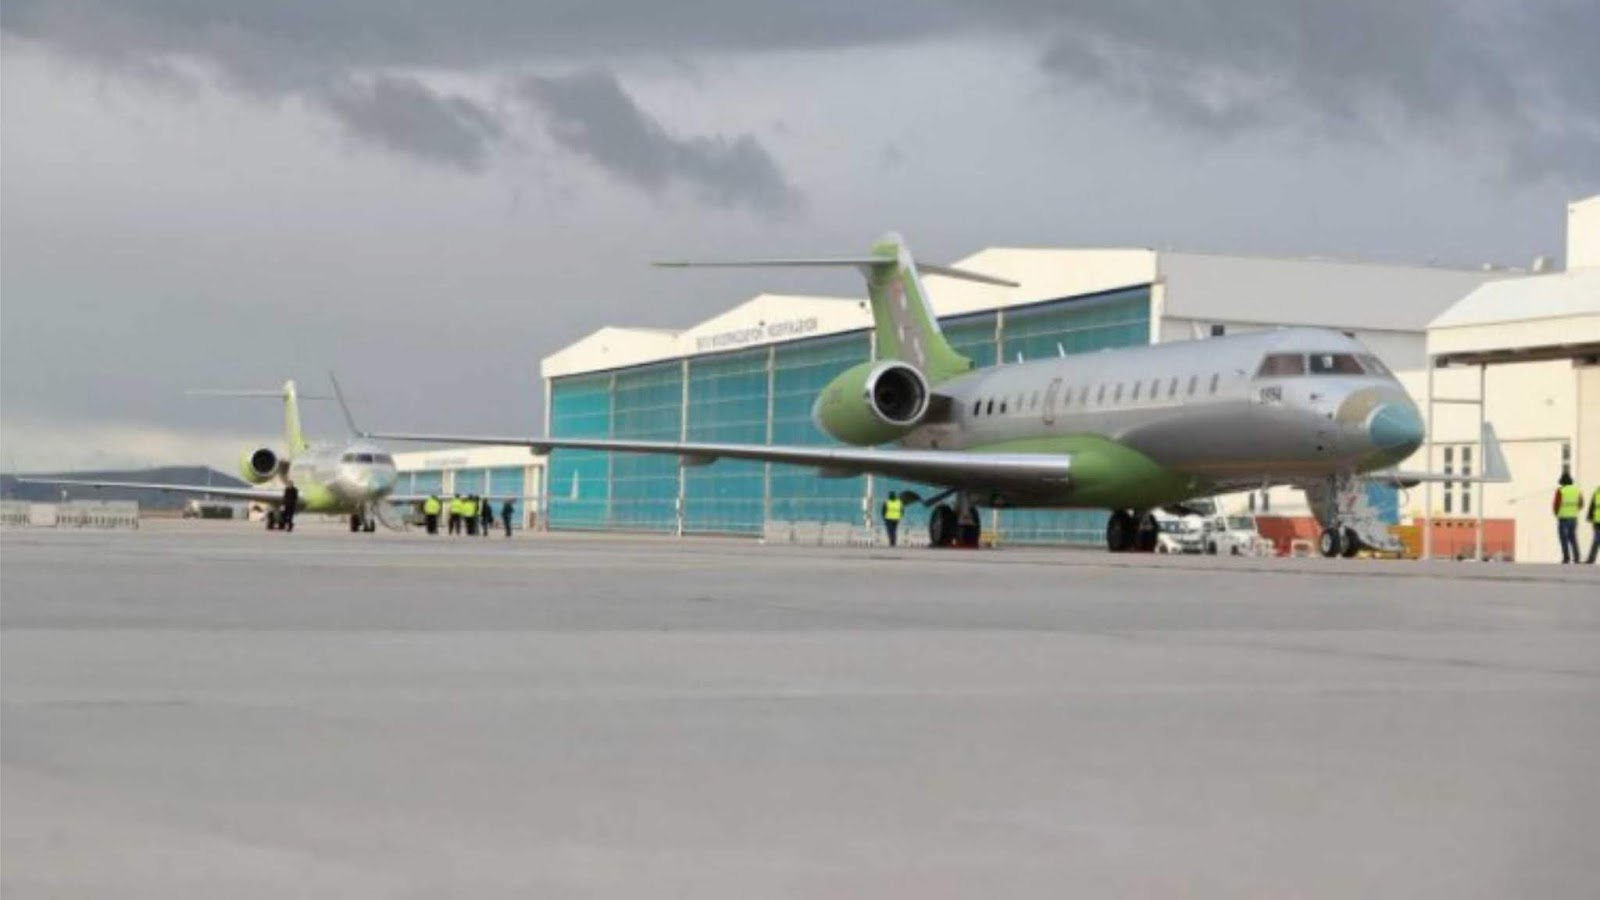 Turki menerima dua pesawat Bombardier pertama yang dilengkapi dengan Air jammers stand-off